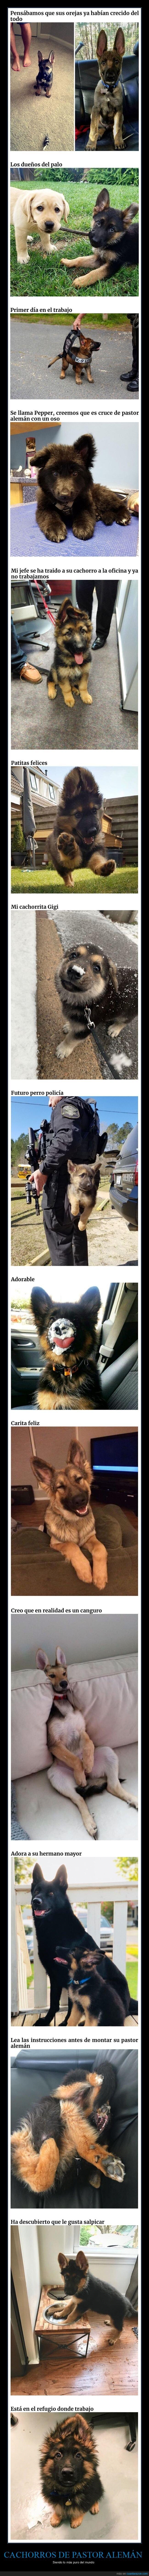 cachorros,pasto alemán,perros